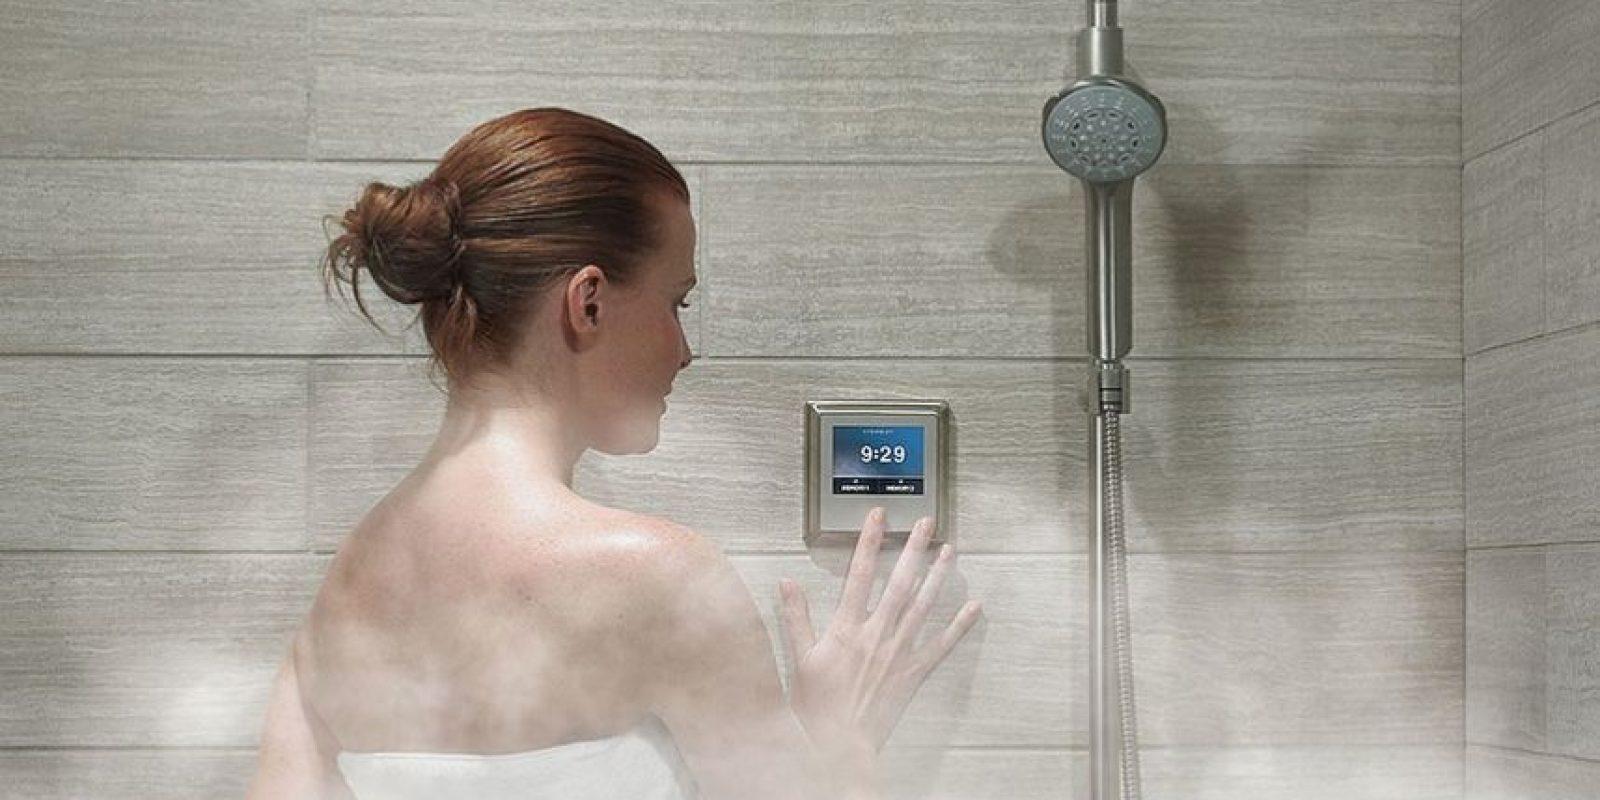 Un sistema de vapor que convierte la ducha de la estrella en un sauna. Foto:Popsugar